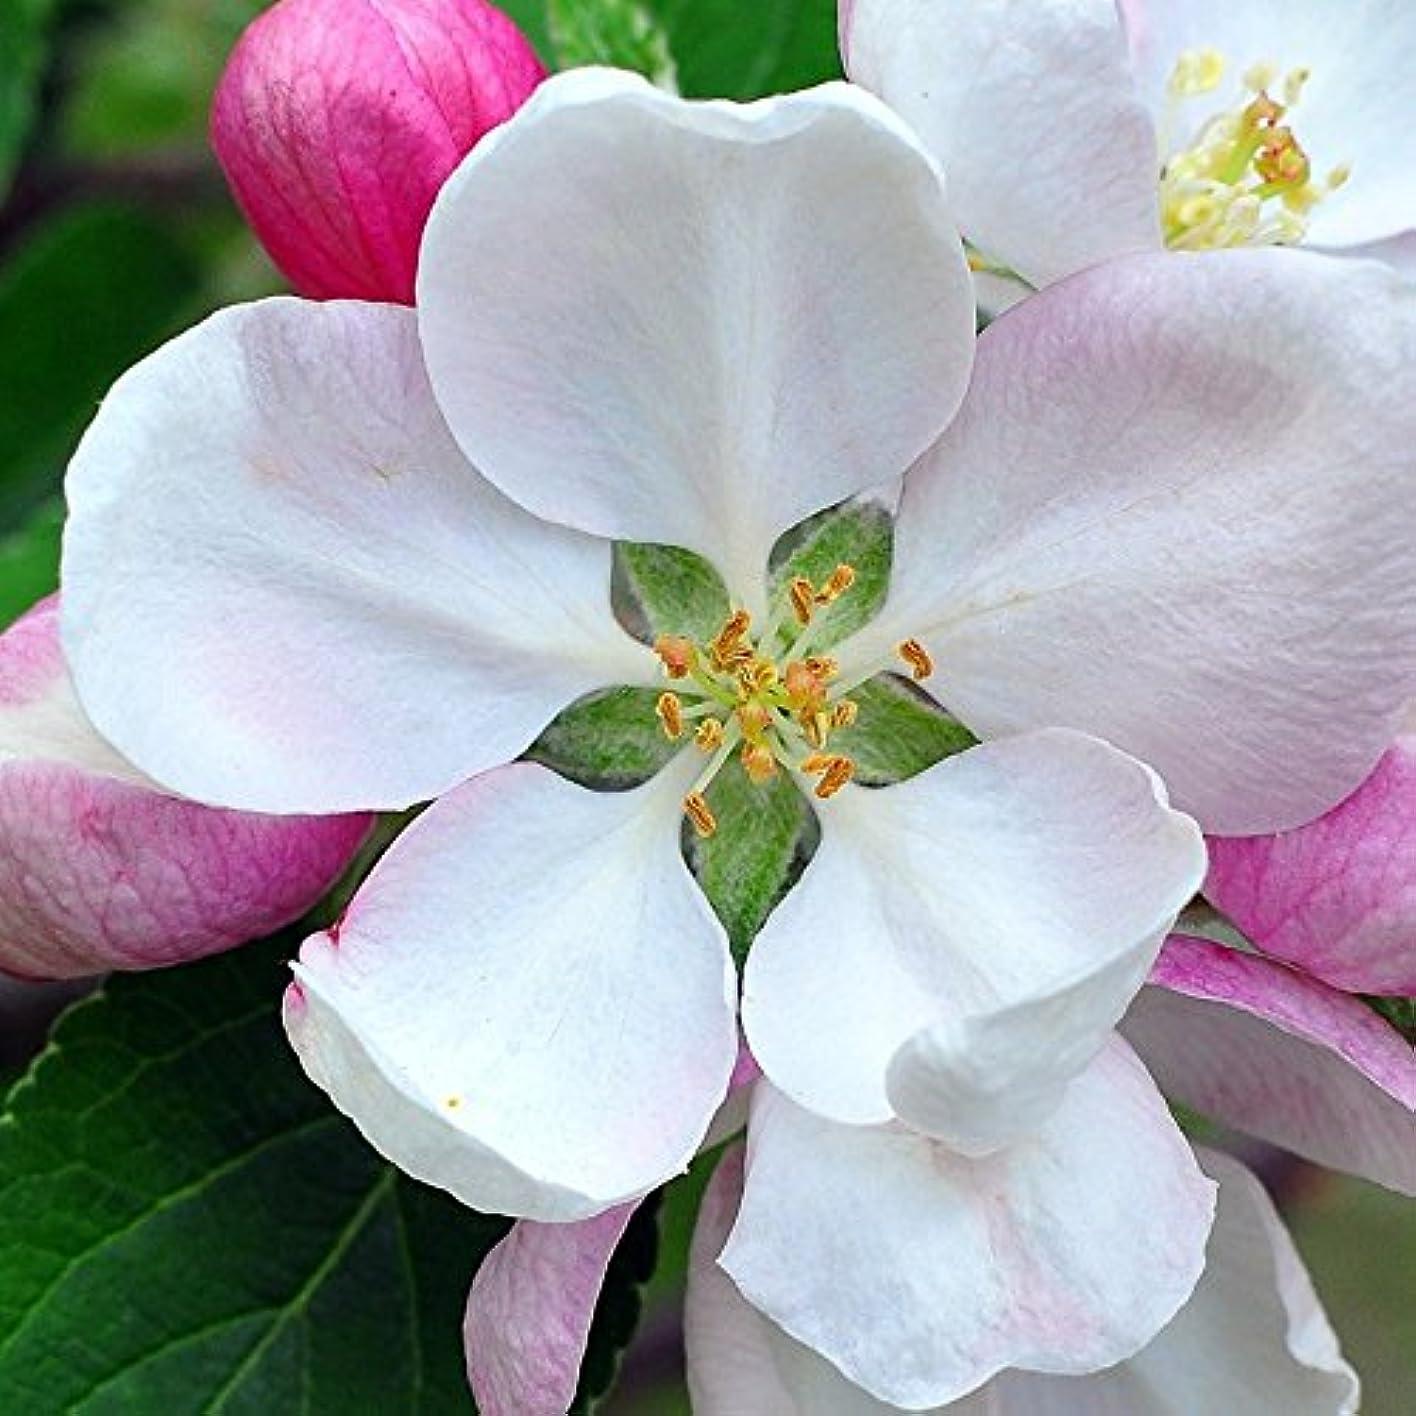 嵐の強制設置アロマフレグランスオイル 日本モクレン(Japanese Magnolia)